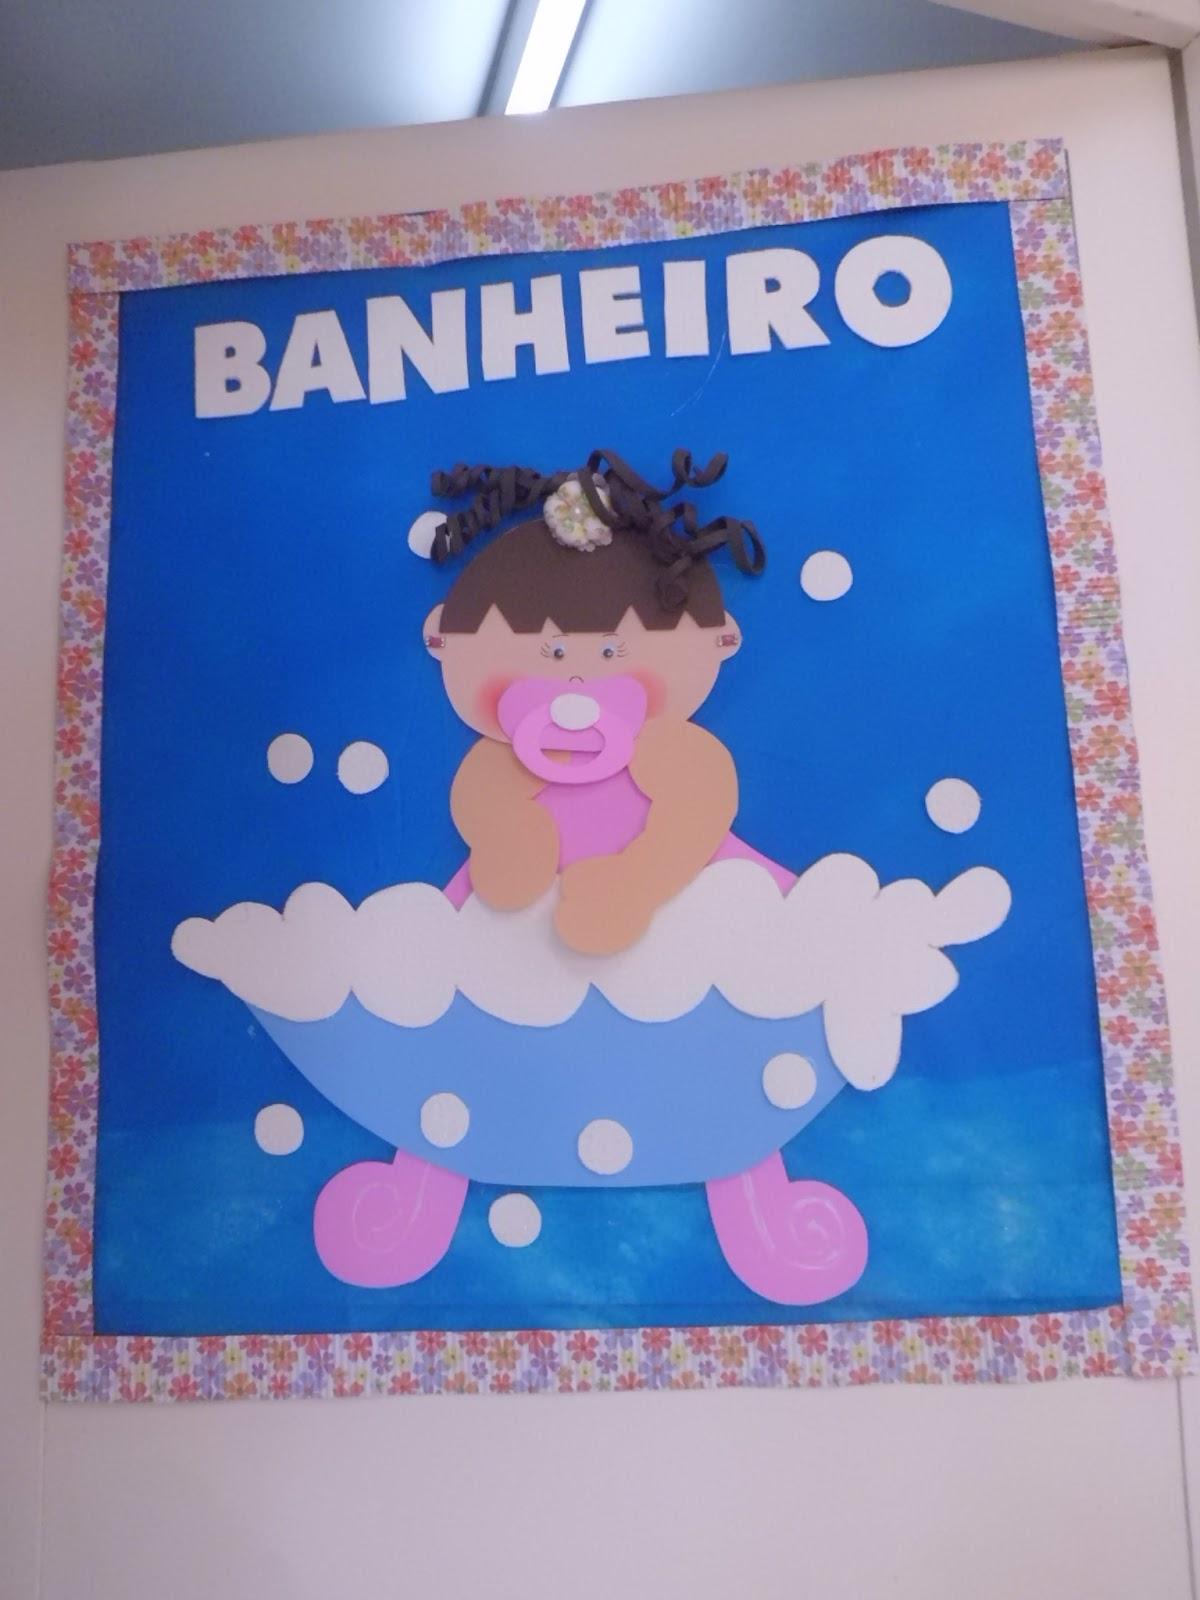 COMPARTILHANDO SABERES NA EDUCAÇÃO INFANTIL DECORAÇÃO DE SALA 2013 -> Decoracao Banheiro Educacao Infantil